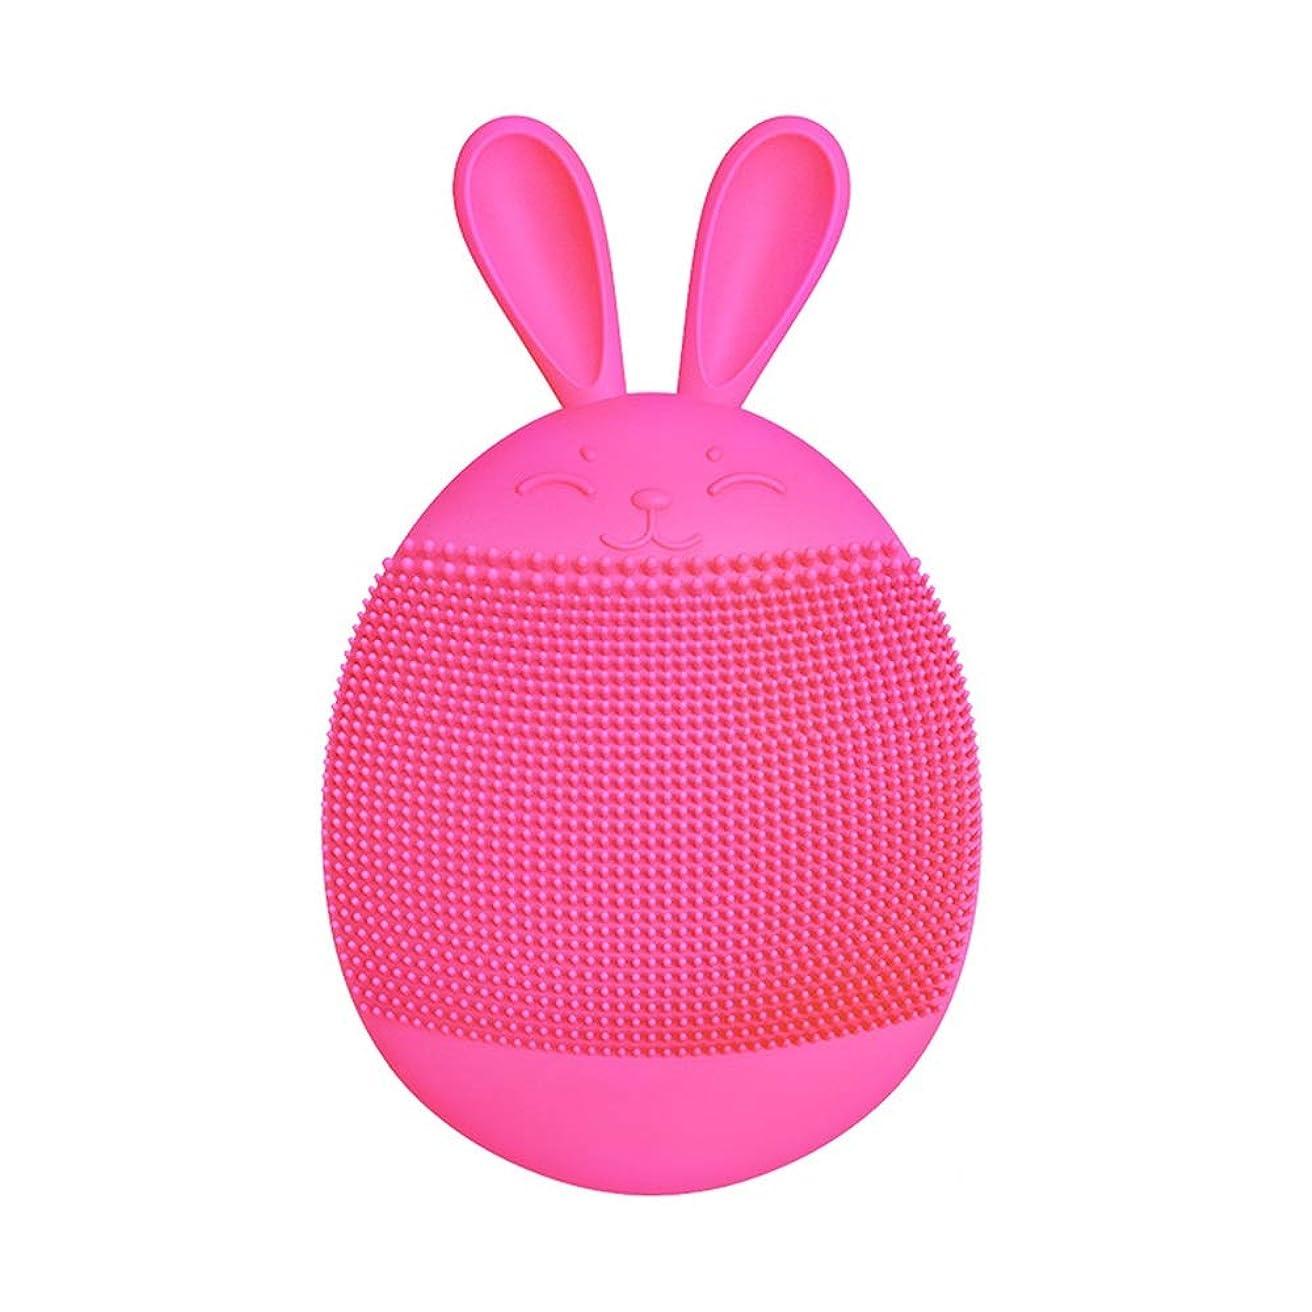 一回規制する圧縮するZXF 超音波電動シリコーン洗顔器ポア洗顔洗顔ピンクレッド 滑らかである (色 : Red)